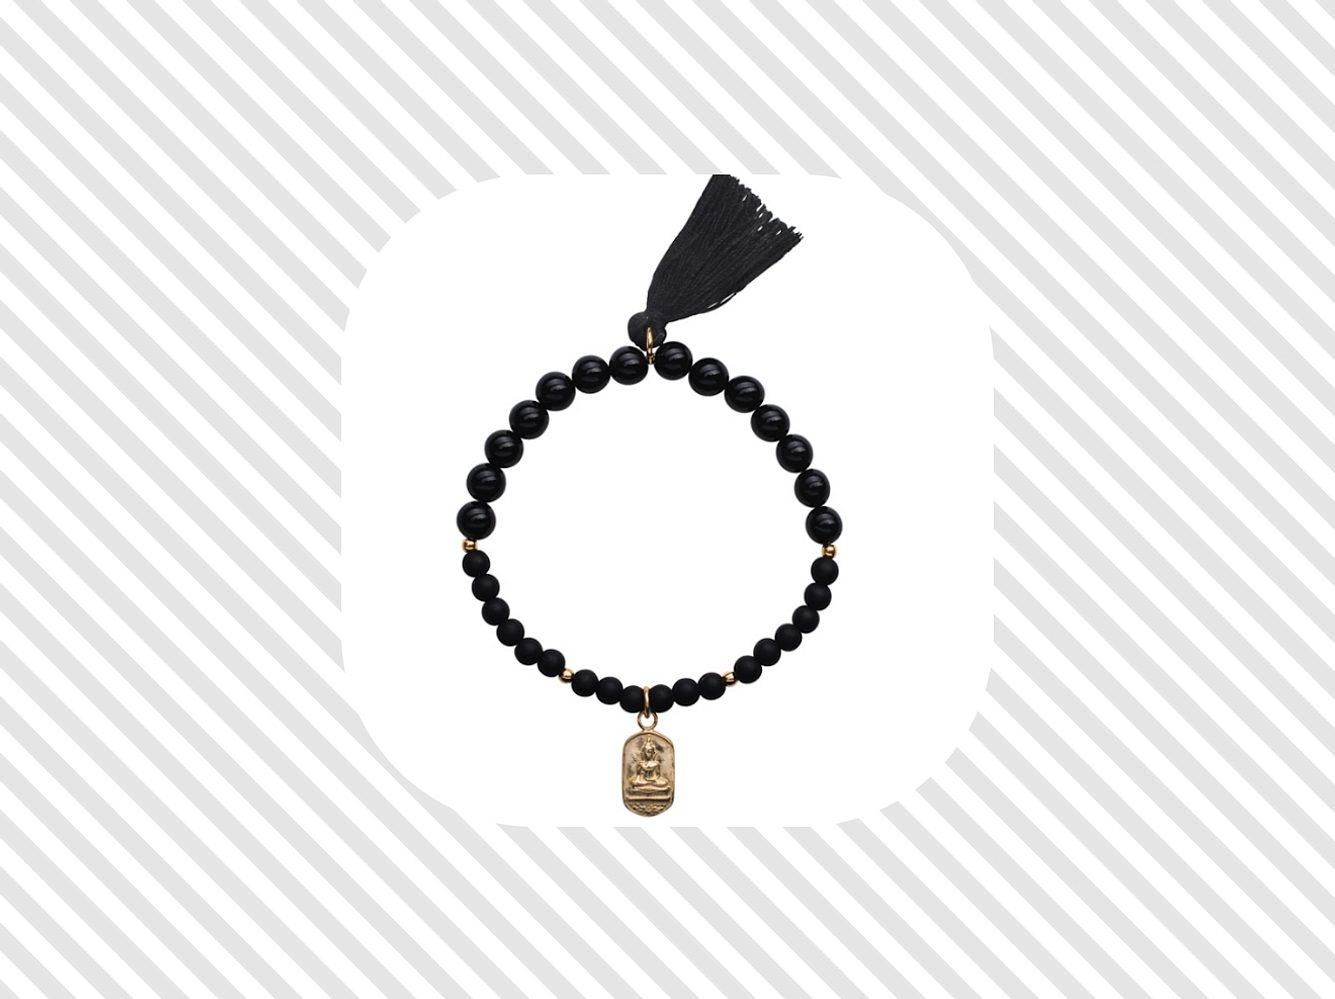 Buddha-Armbänder – der Name verrät, wem dieser Schmuck gewidmet ist. Die genaue Bedeutung und schöne Schmuckstücke findest du hier.